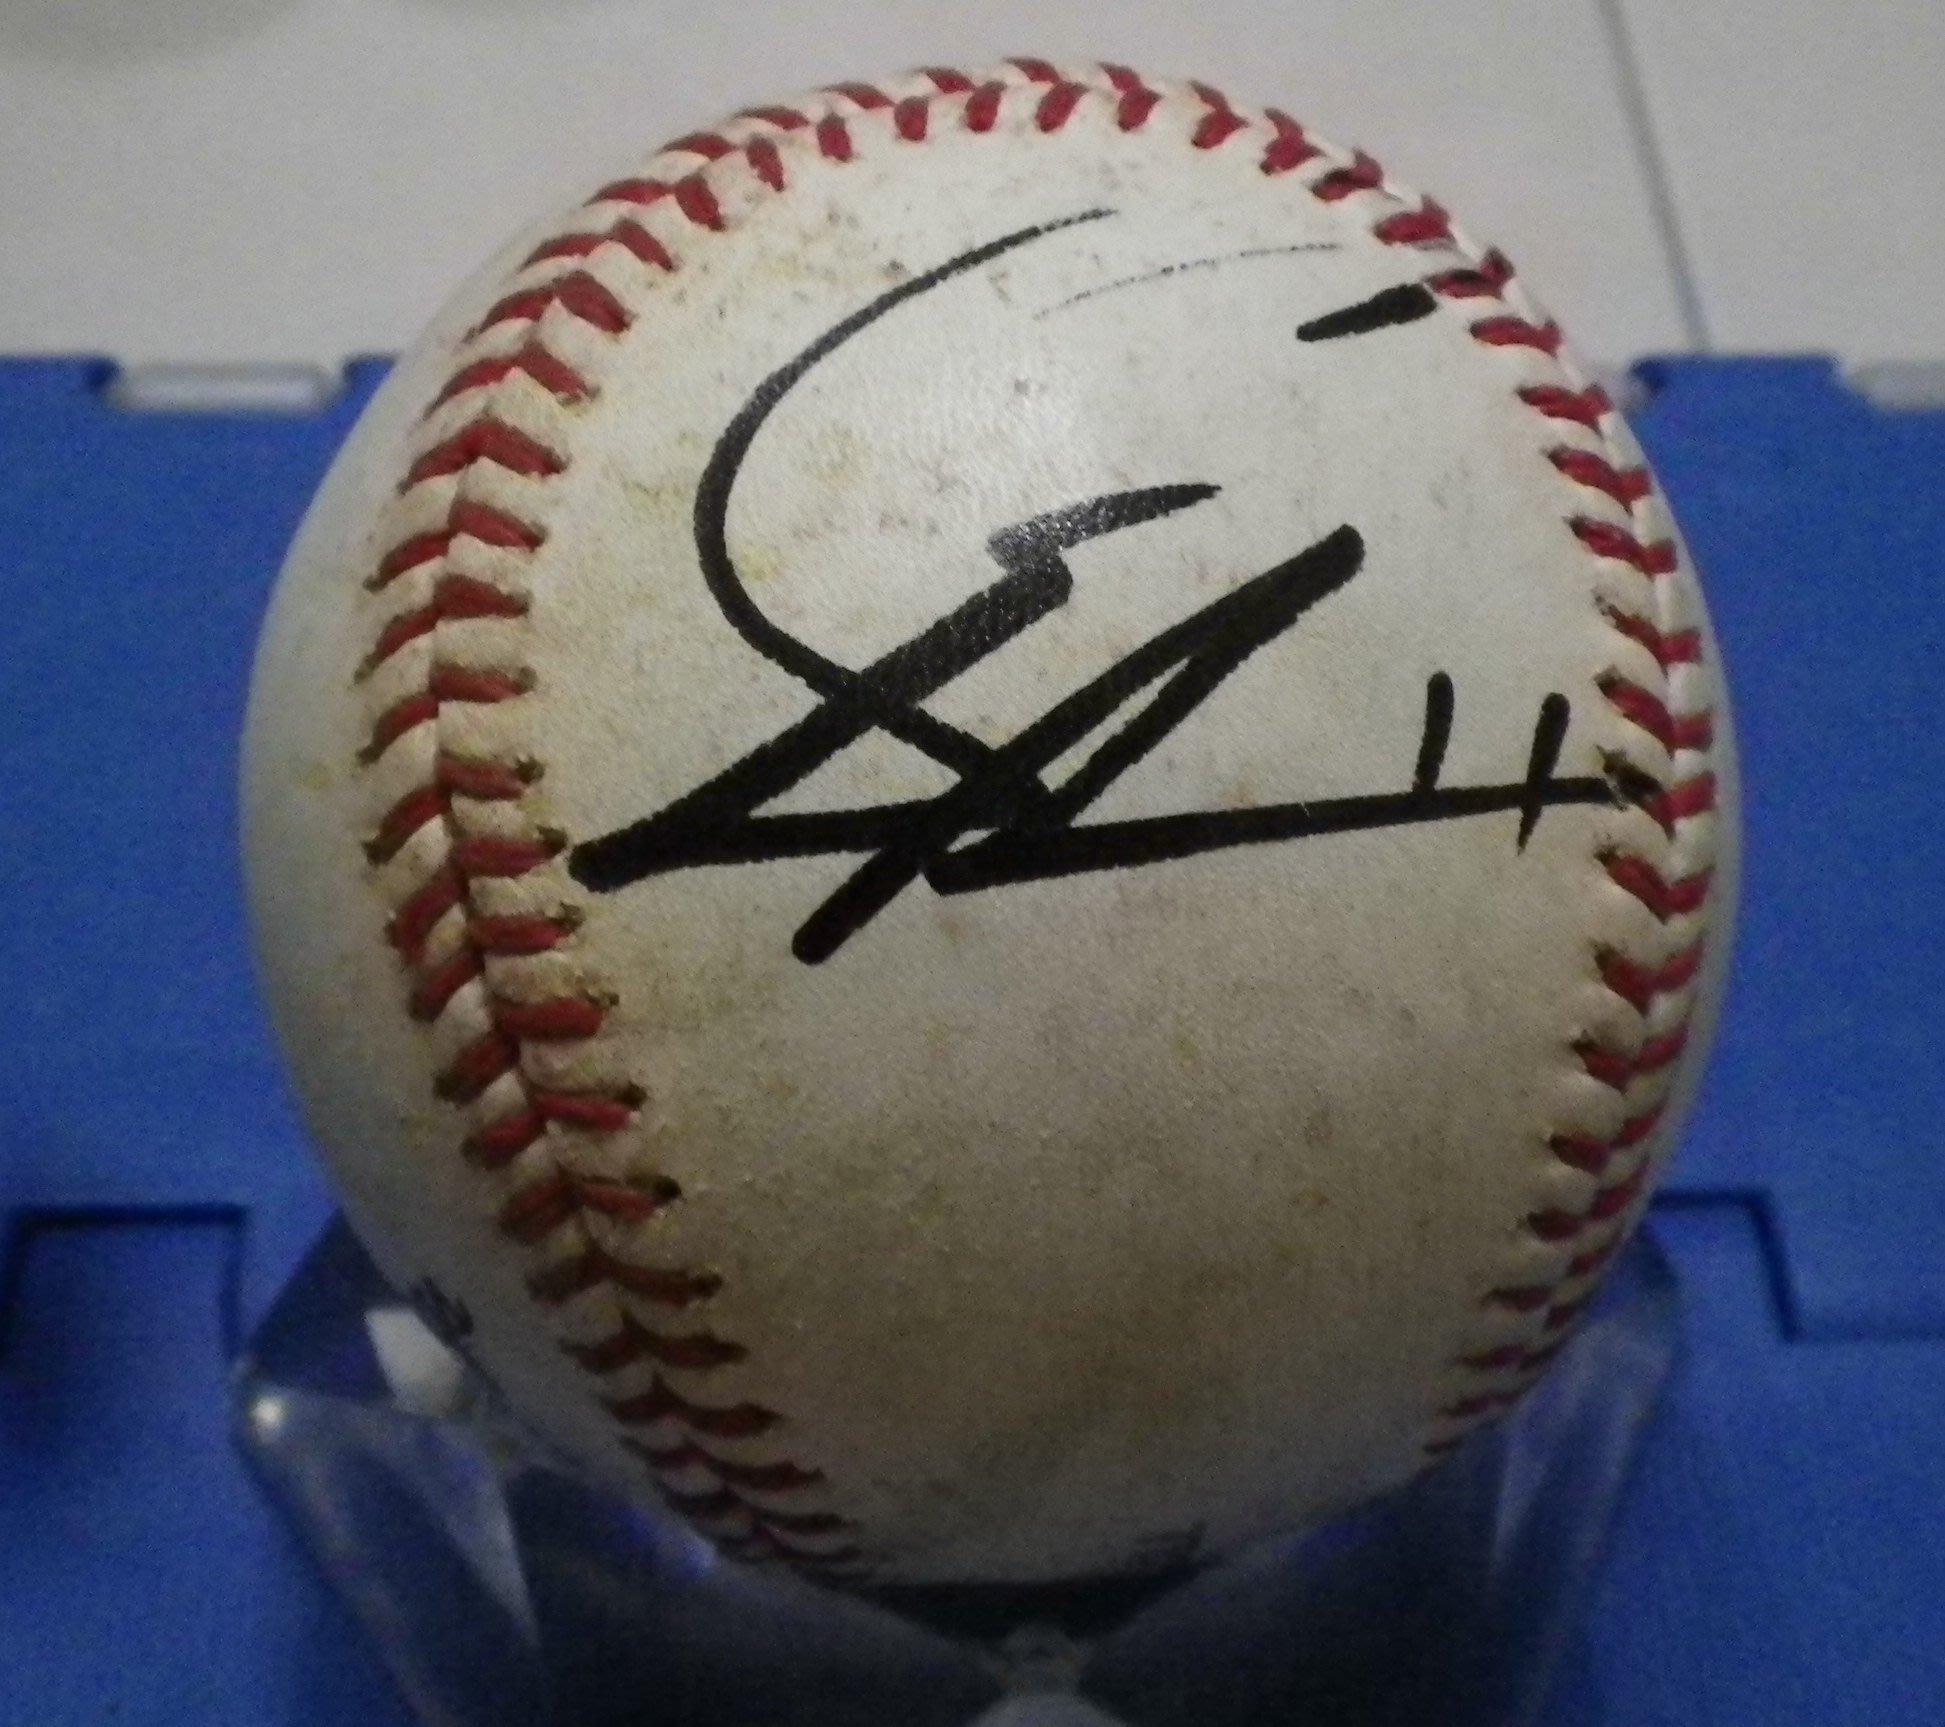 棒球天地---5折賠錢出清--美國大聯盟遊騎兵 達比修有 簽名實戰球.字跡漂亮